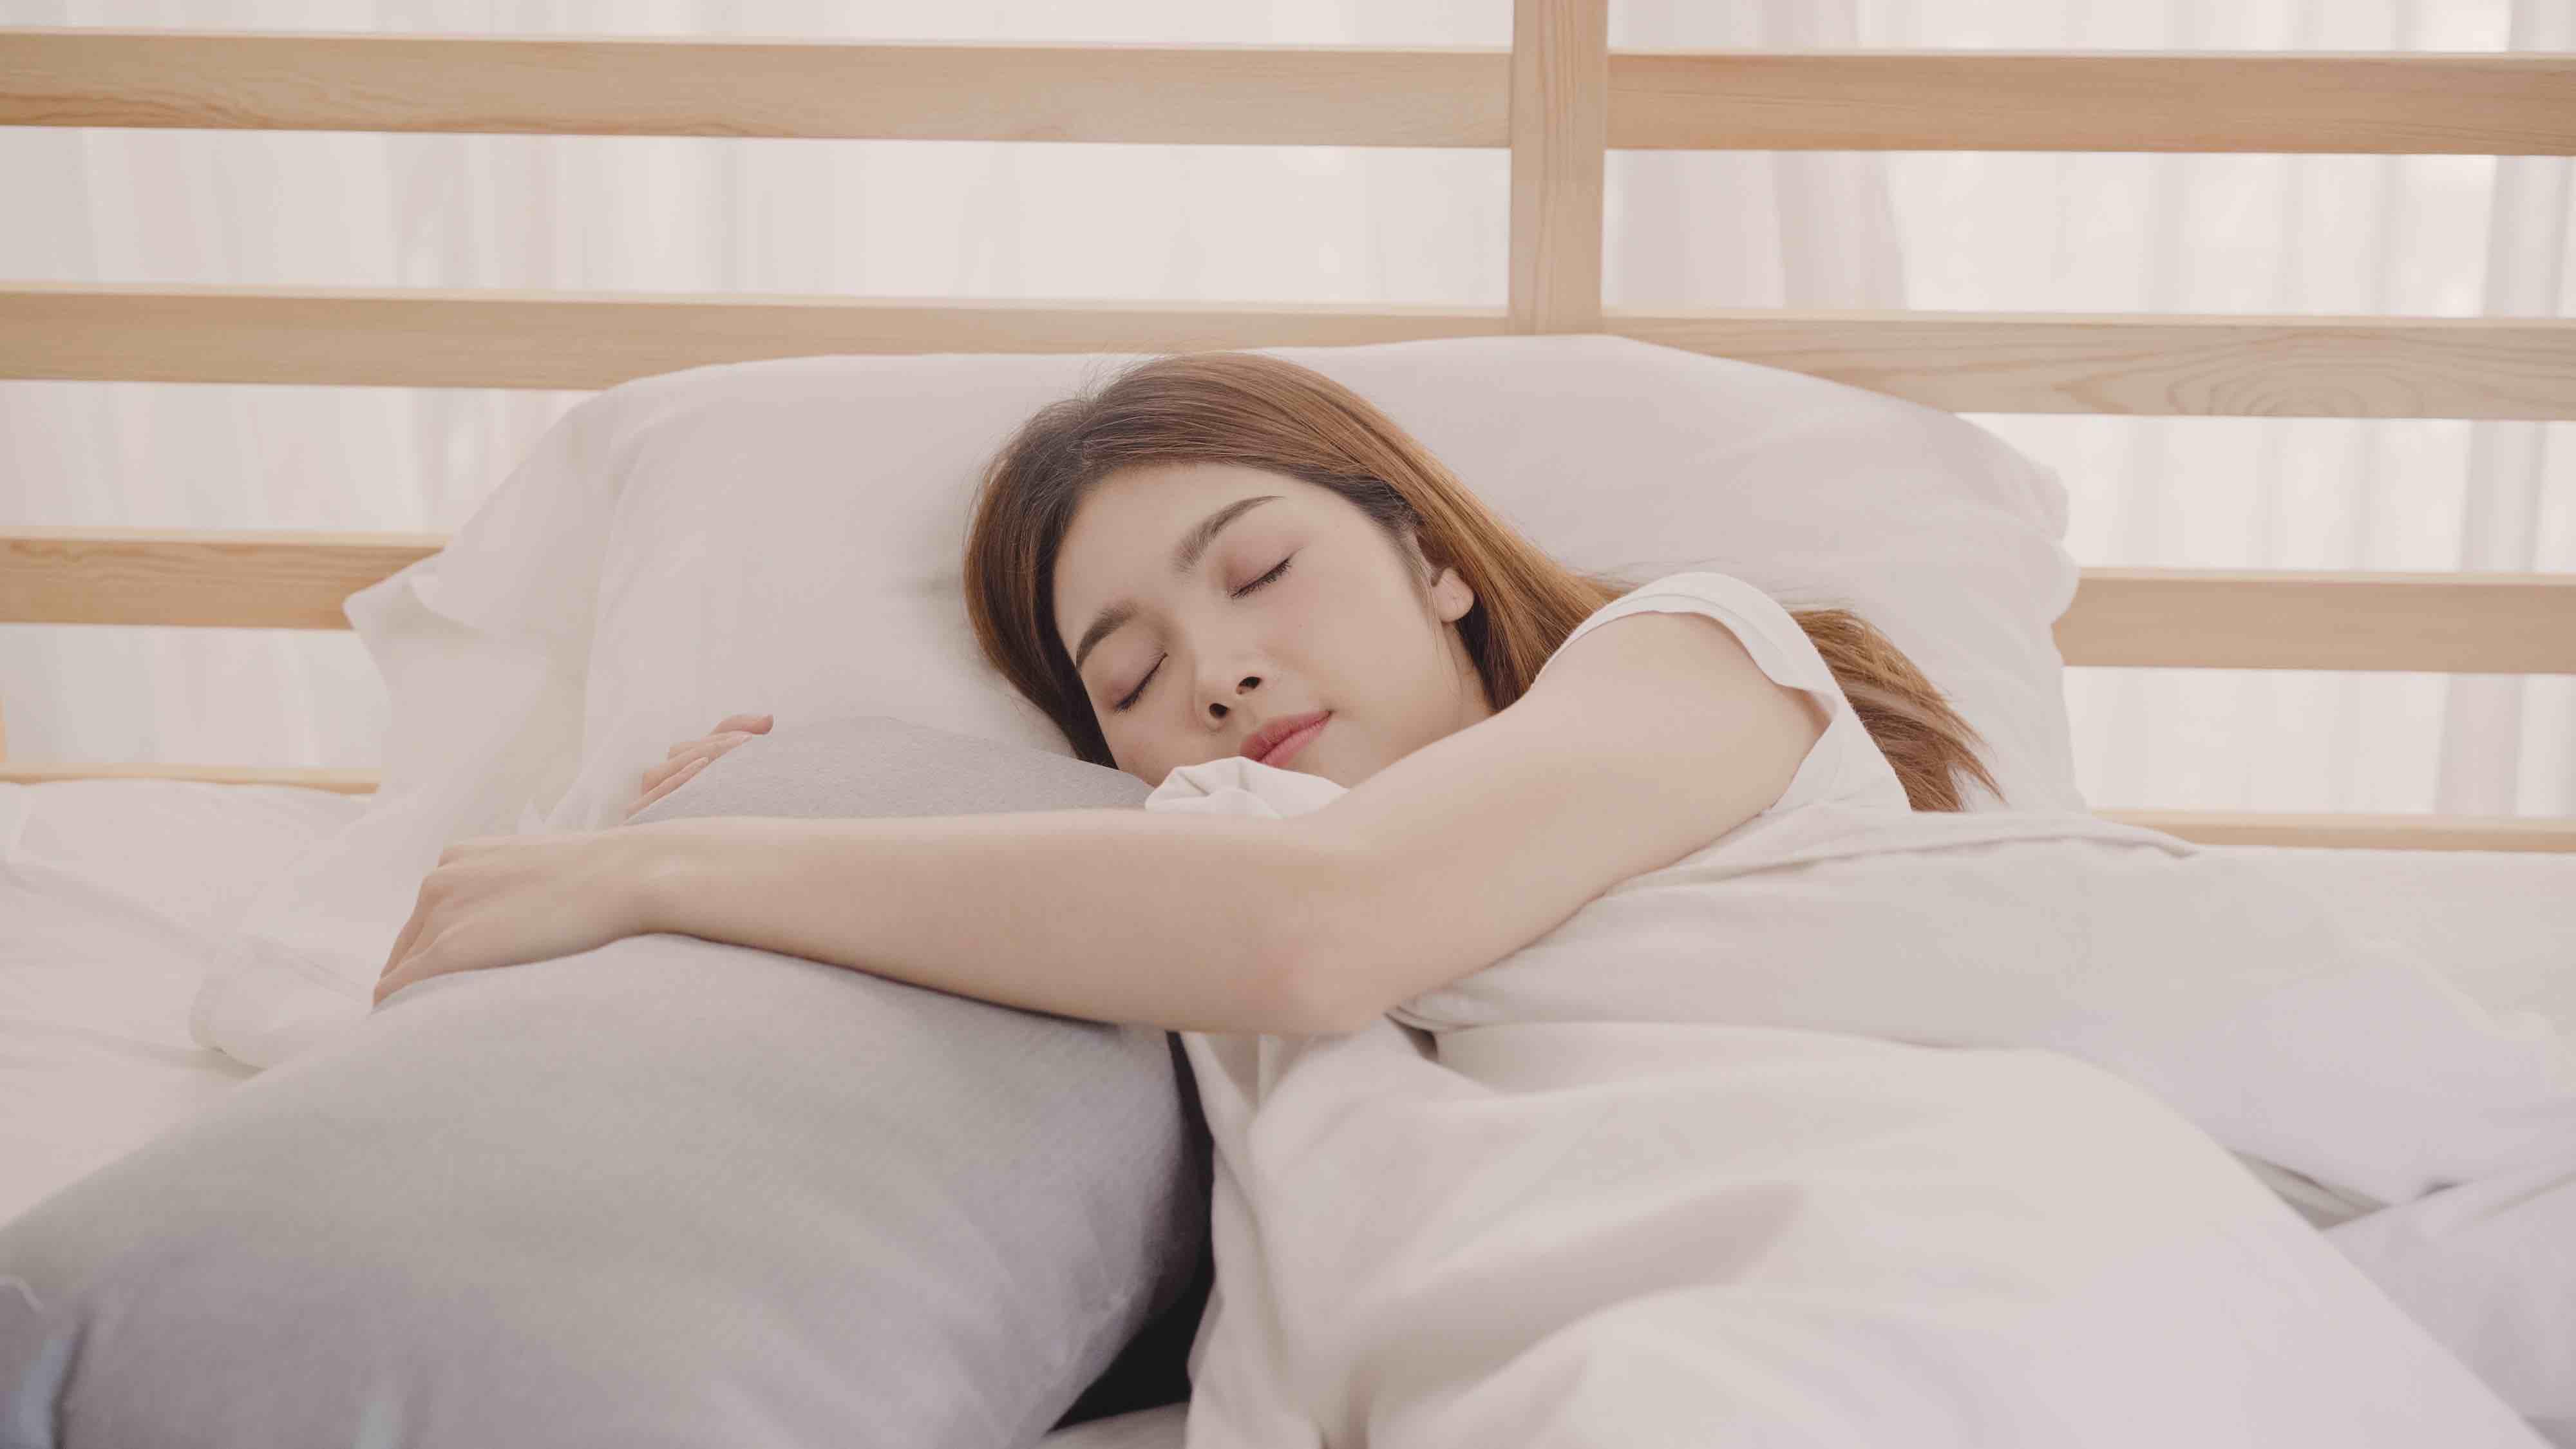 Mulher dormindo agarrada emum travesseiro